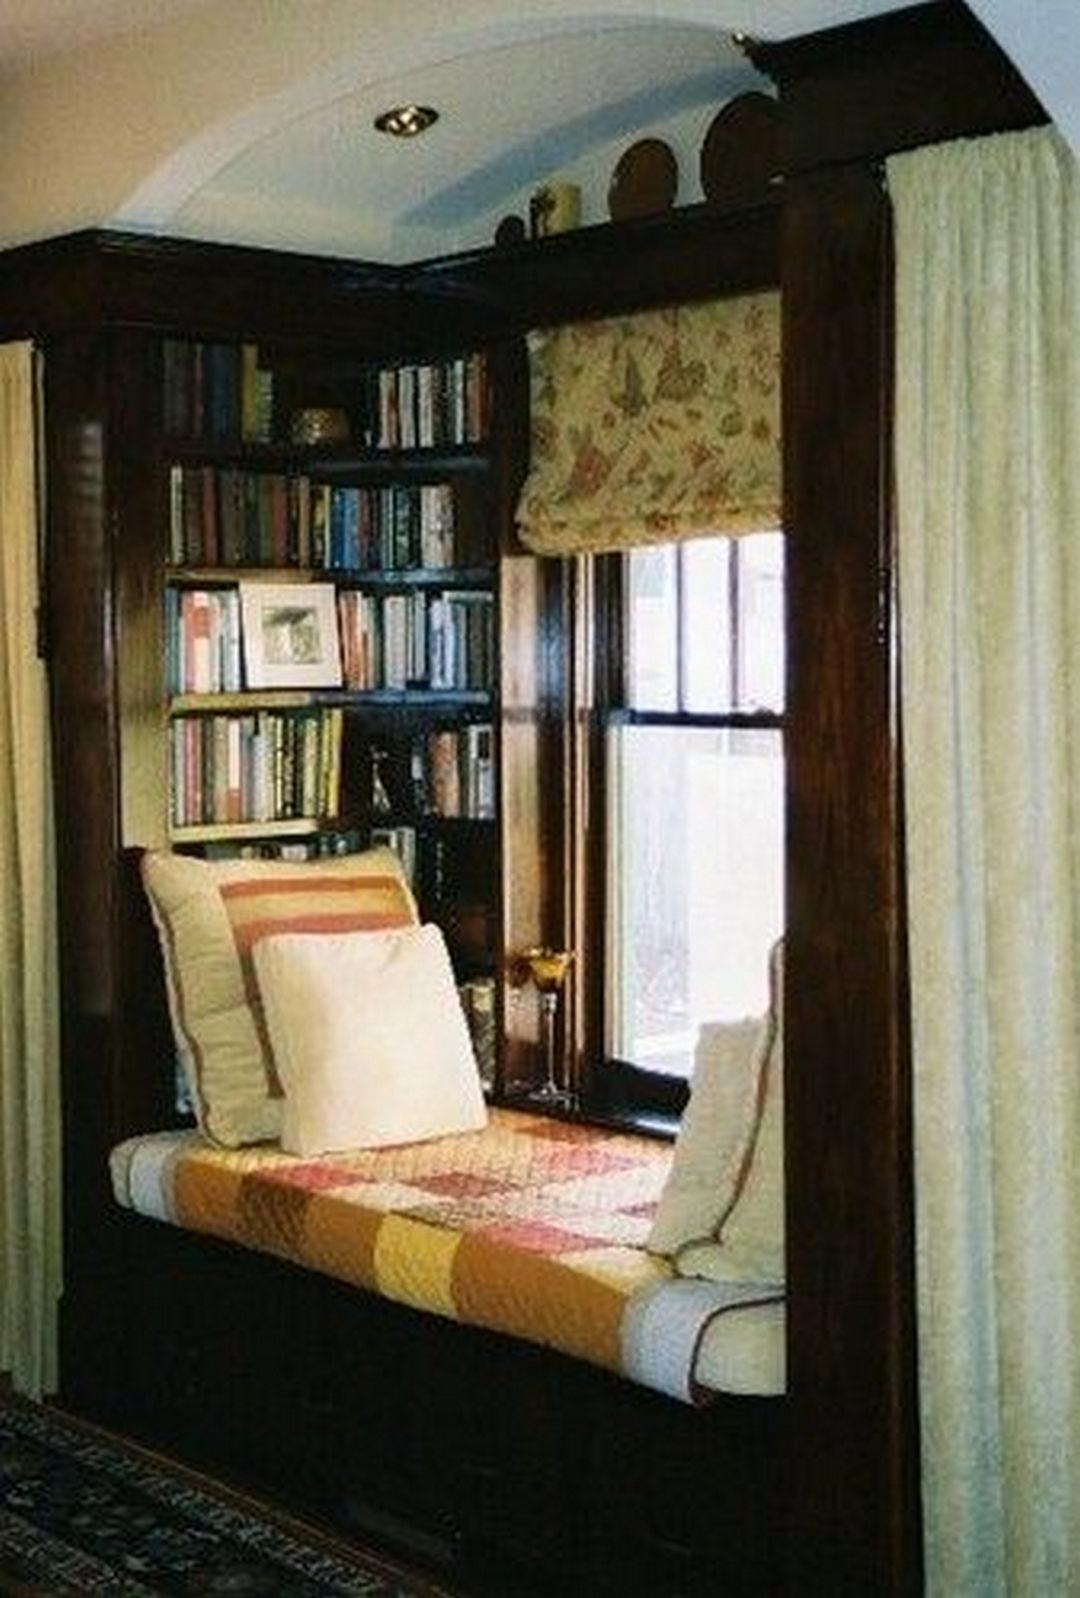 Keyifli Kitap Okuma Köşesi İçin Dekorasyon Önerileri